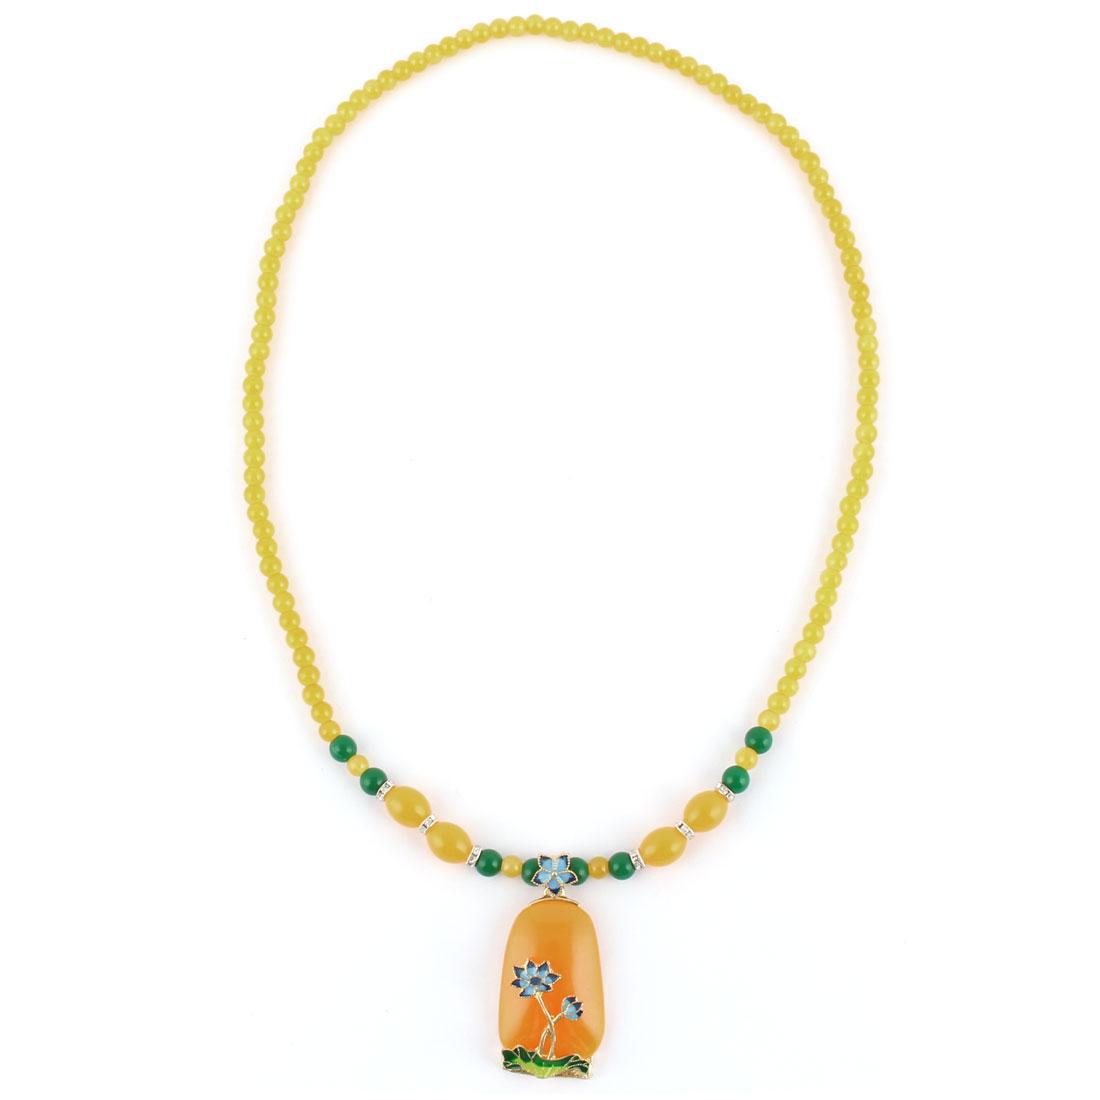 Travel Plastic Bead Flower Decor Pendant Necklet Necklace Ornament Decoration